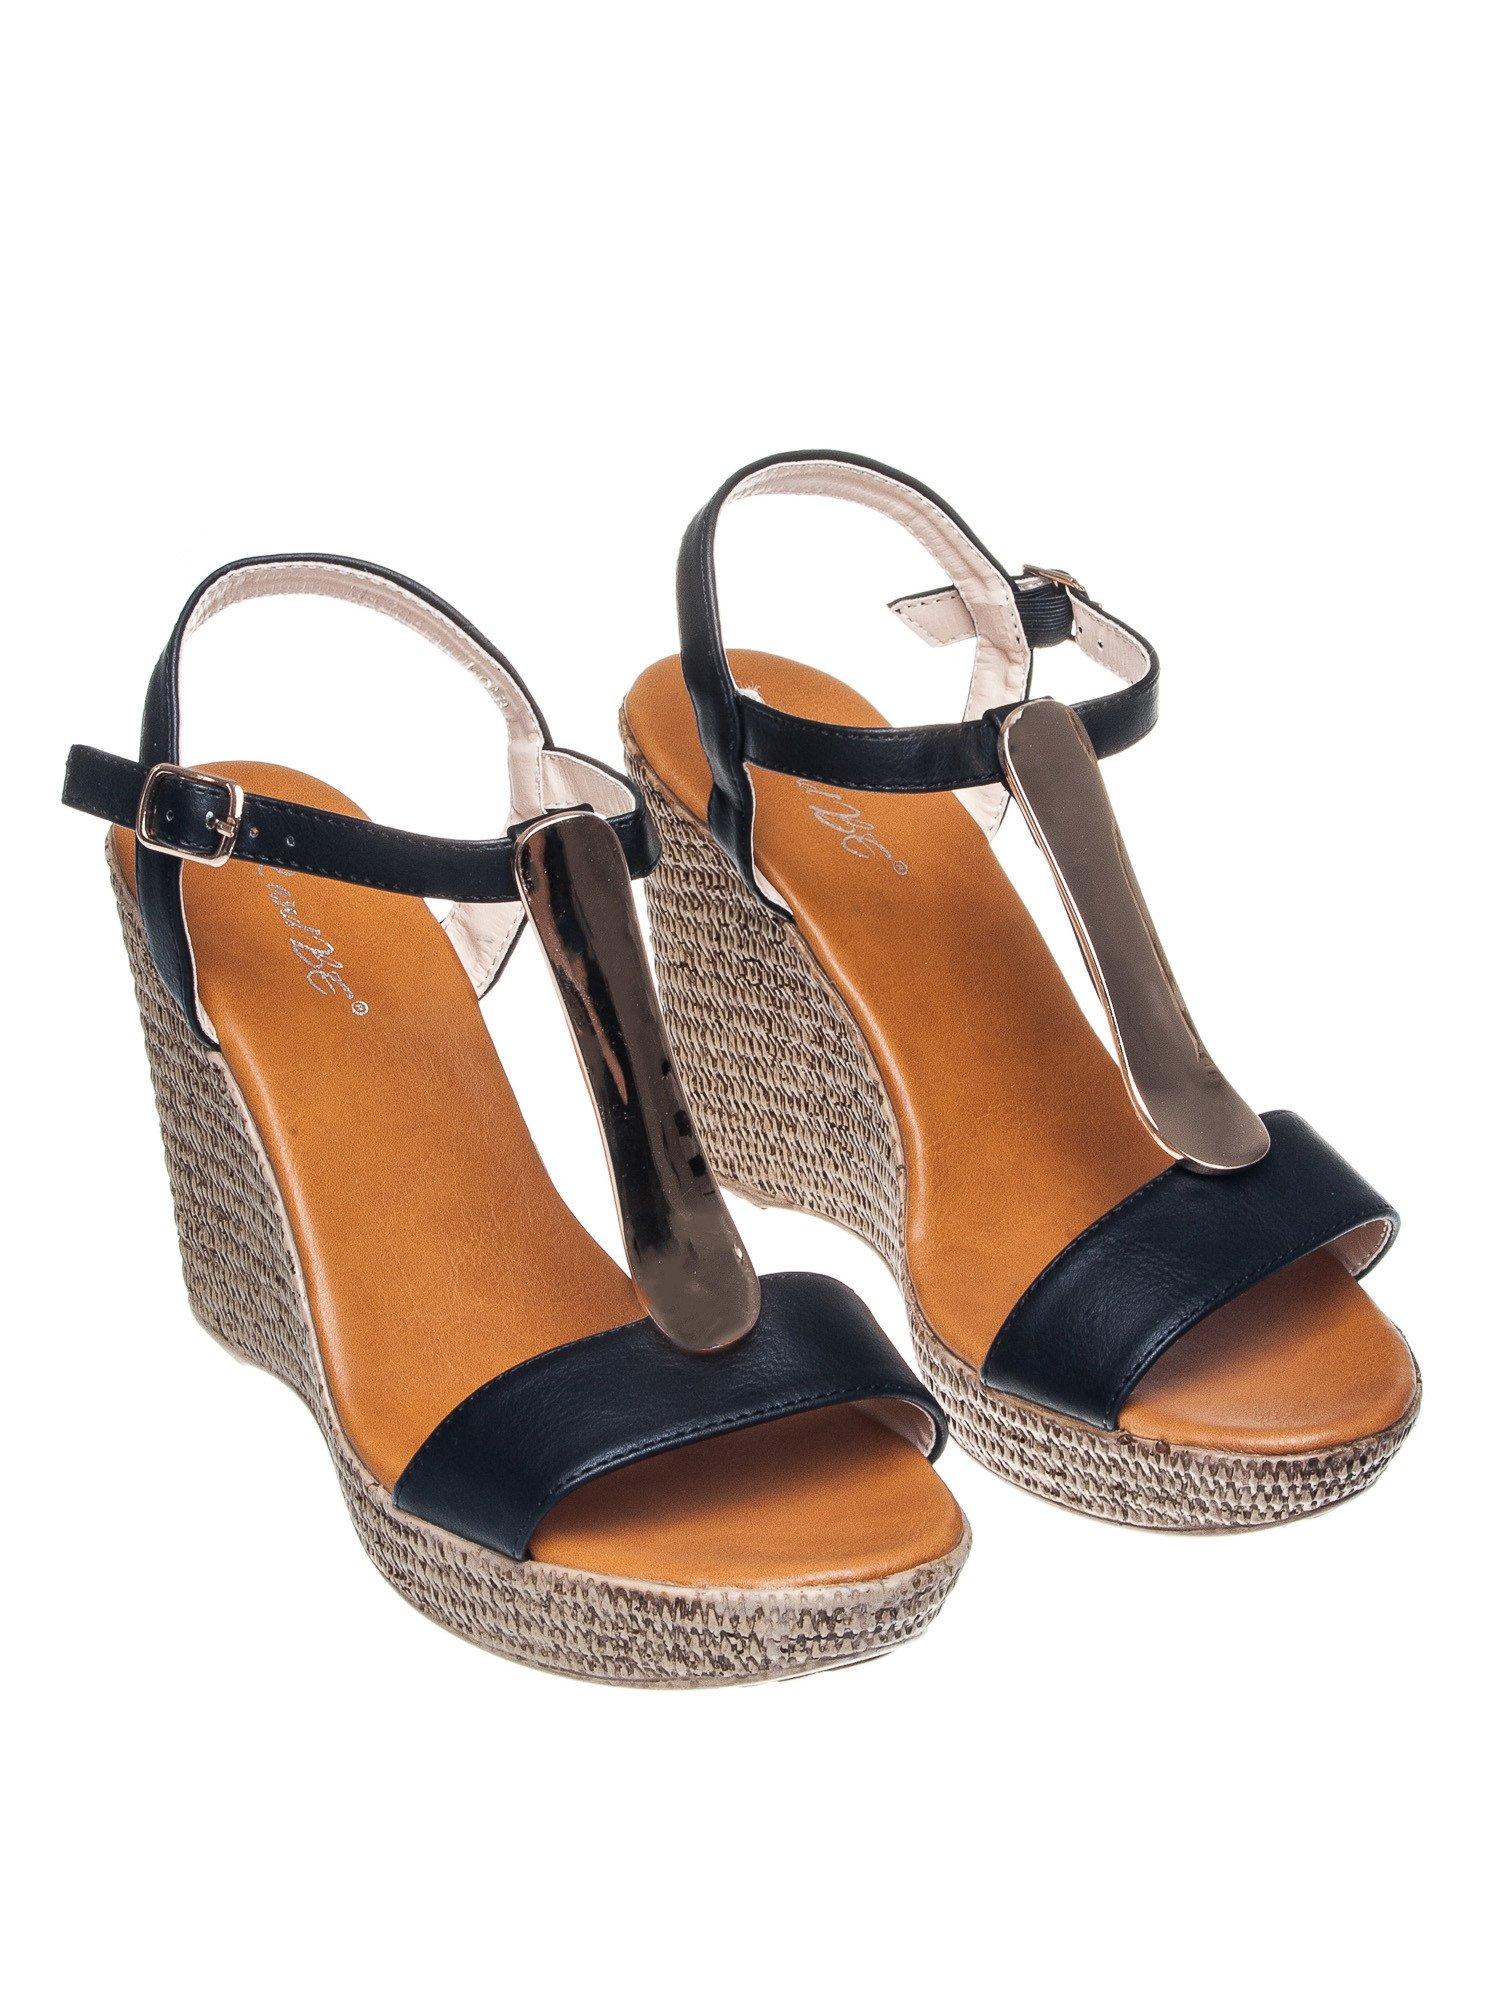 Czarne letnie sandały t-bary na koturnie                                  zdj.                                  2